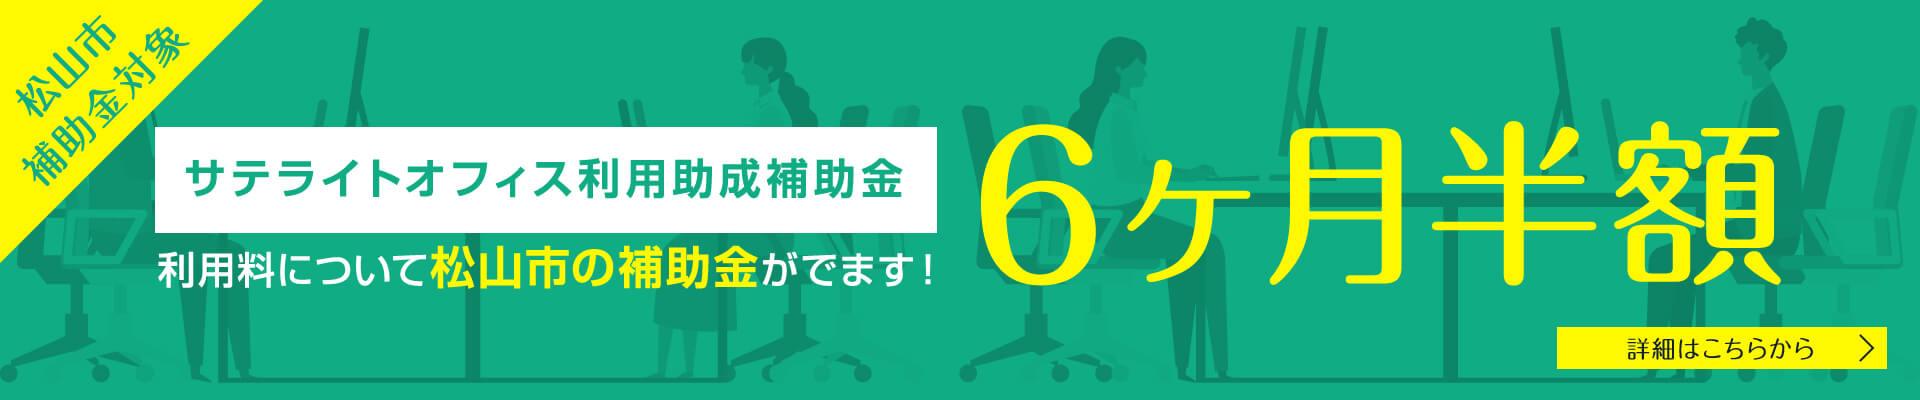 サテライトオフィス利用支援補助金 利用料について松山市の補助金がでます!利用料の半額が6ヶ月!